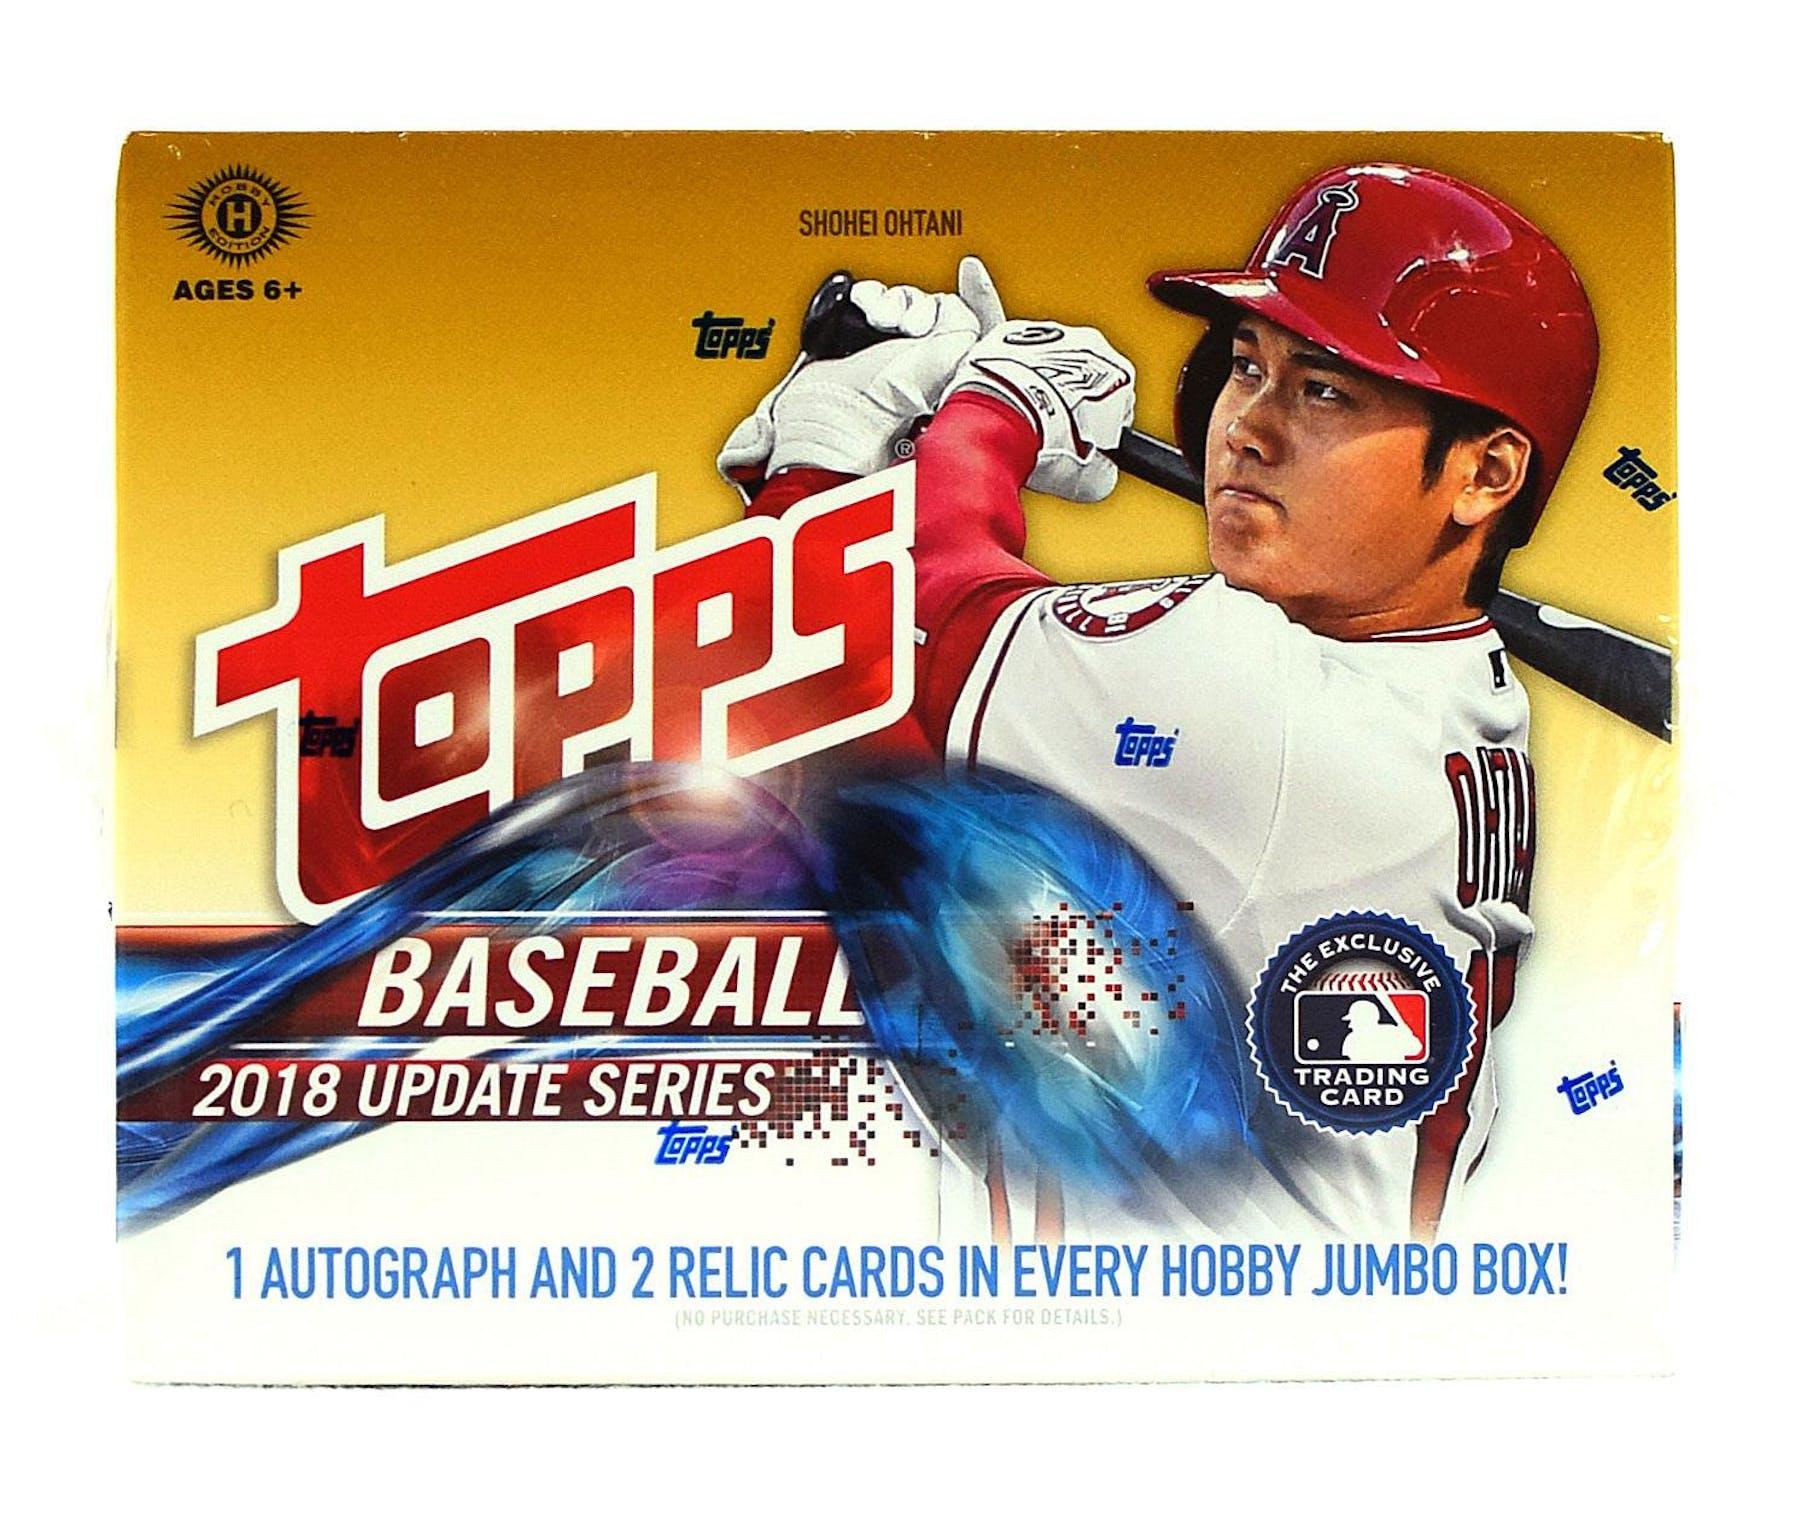 2018 Topps Update Series Baseball Hobby Jumbo Box Da